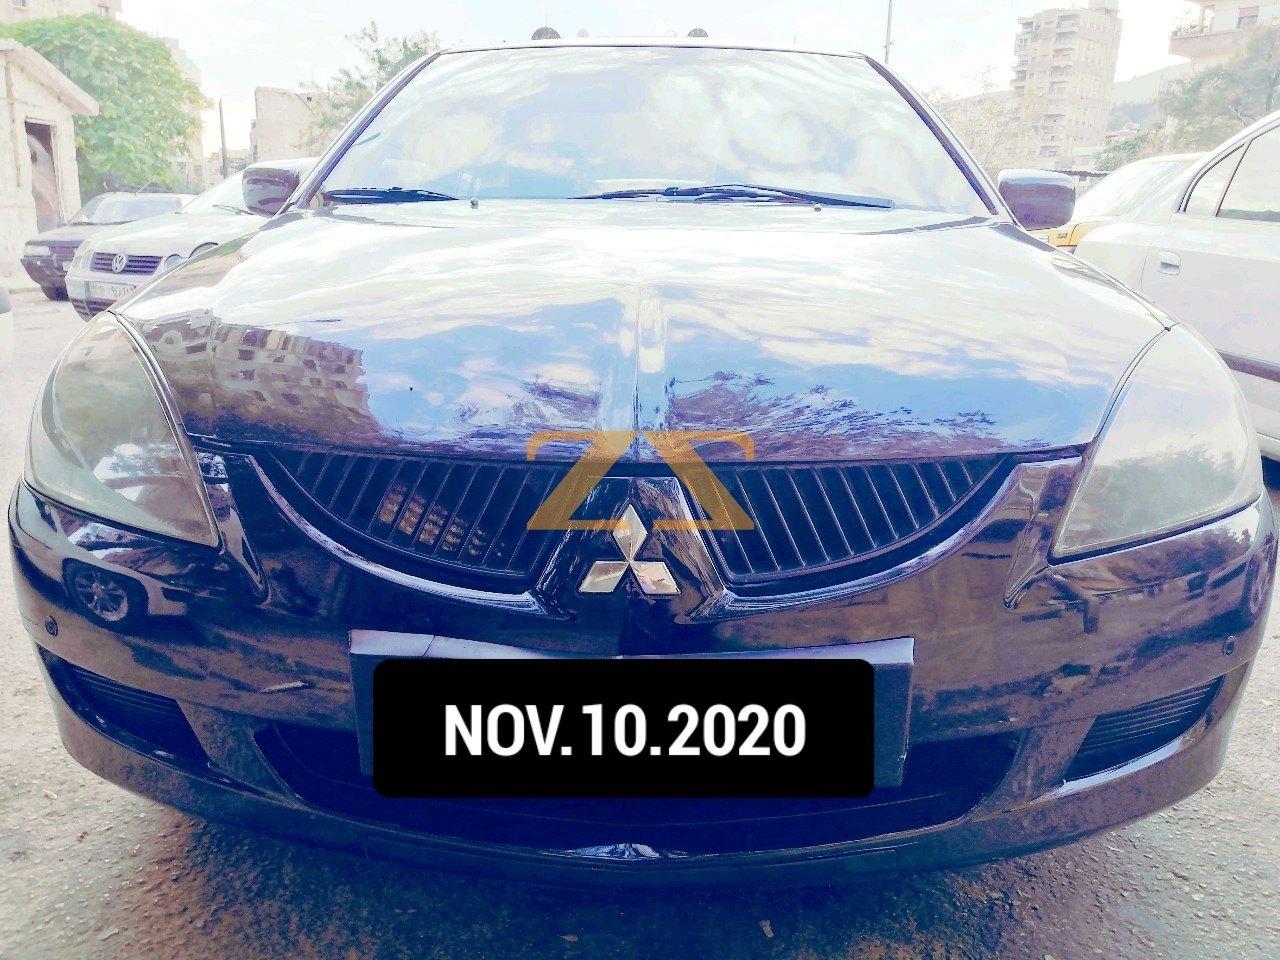 للبيع في دمشق Mitsubishi Lancer